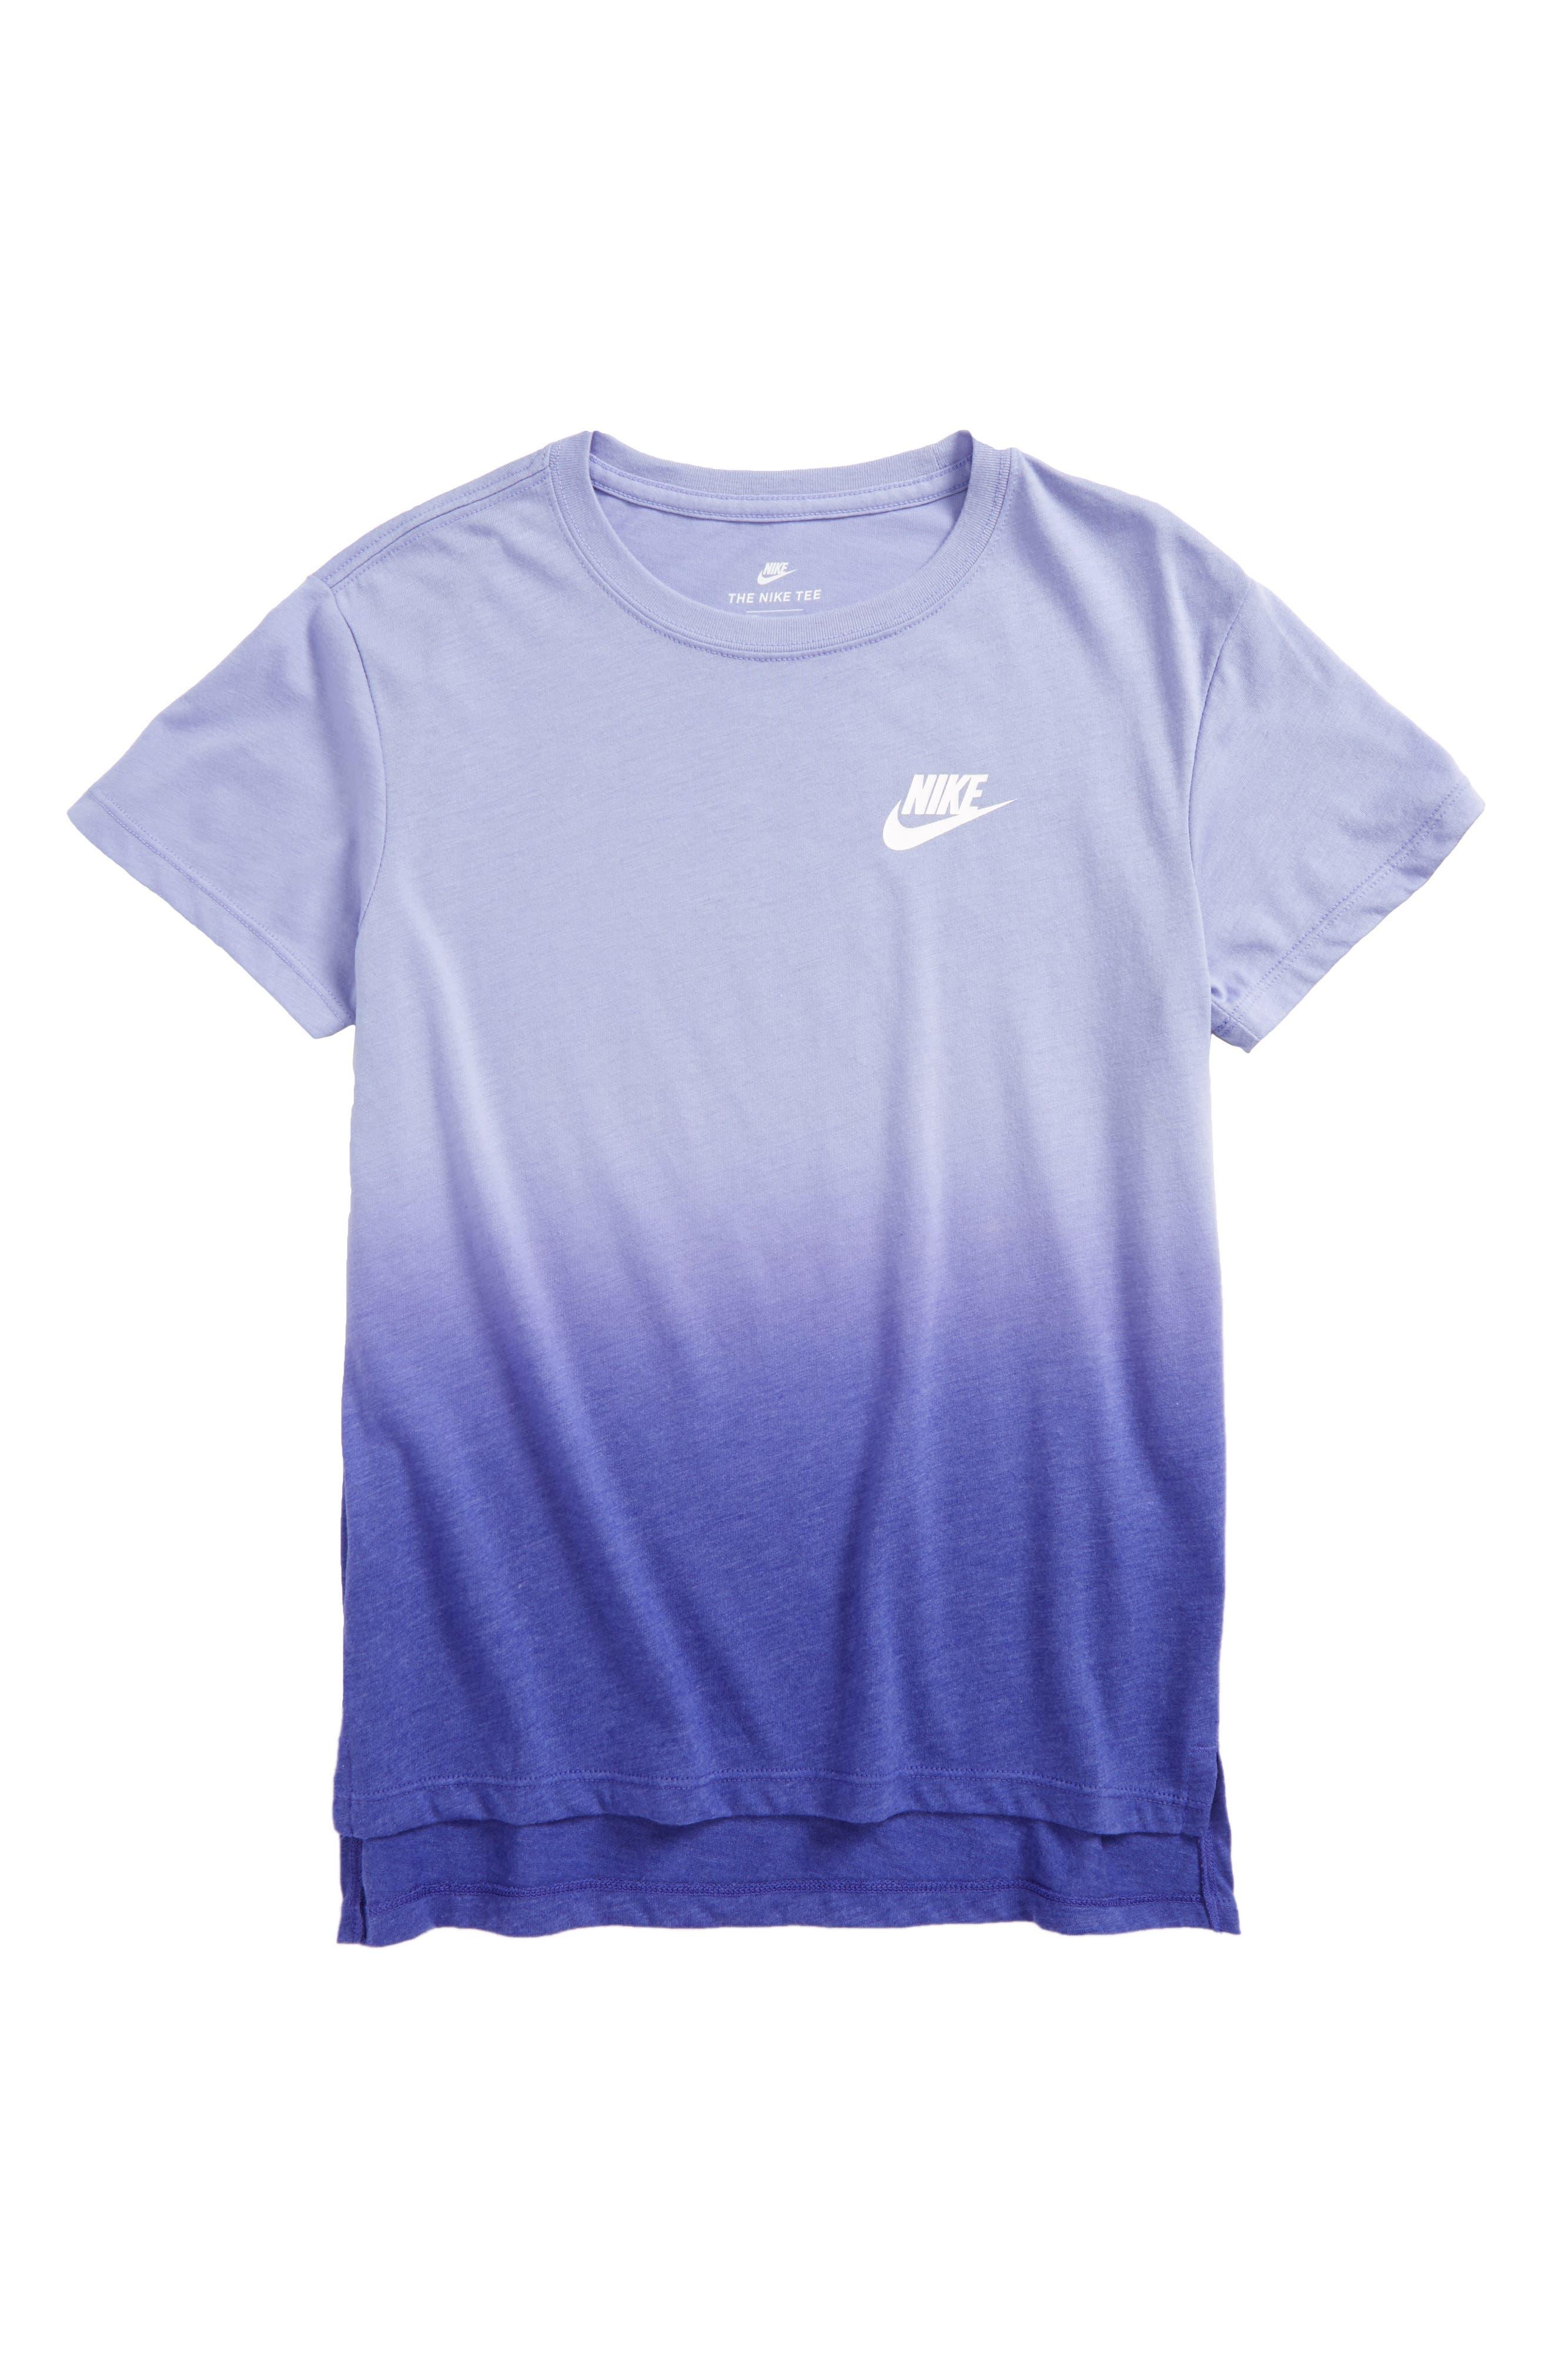 Main Image - Nike Dip Dye Tee (Big Girls)